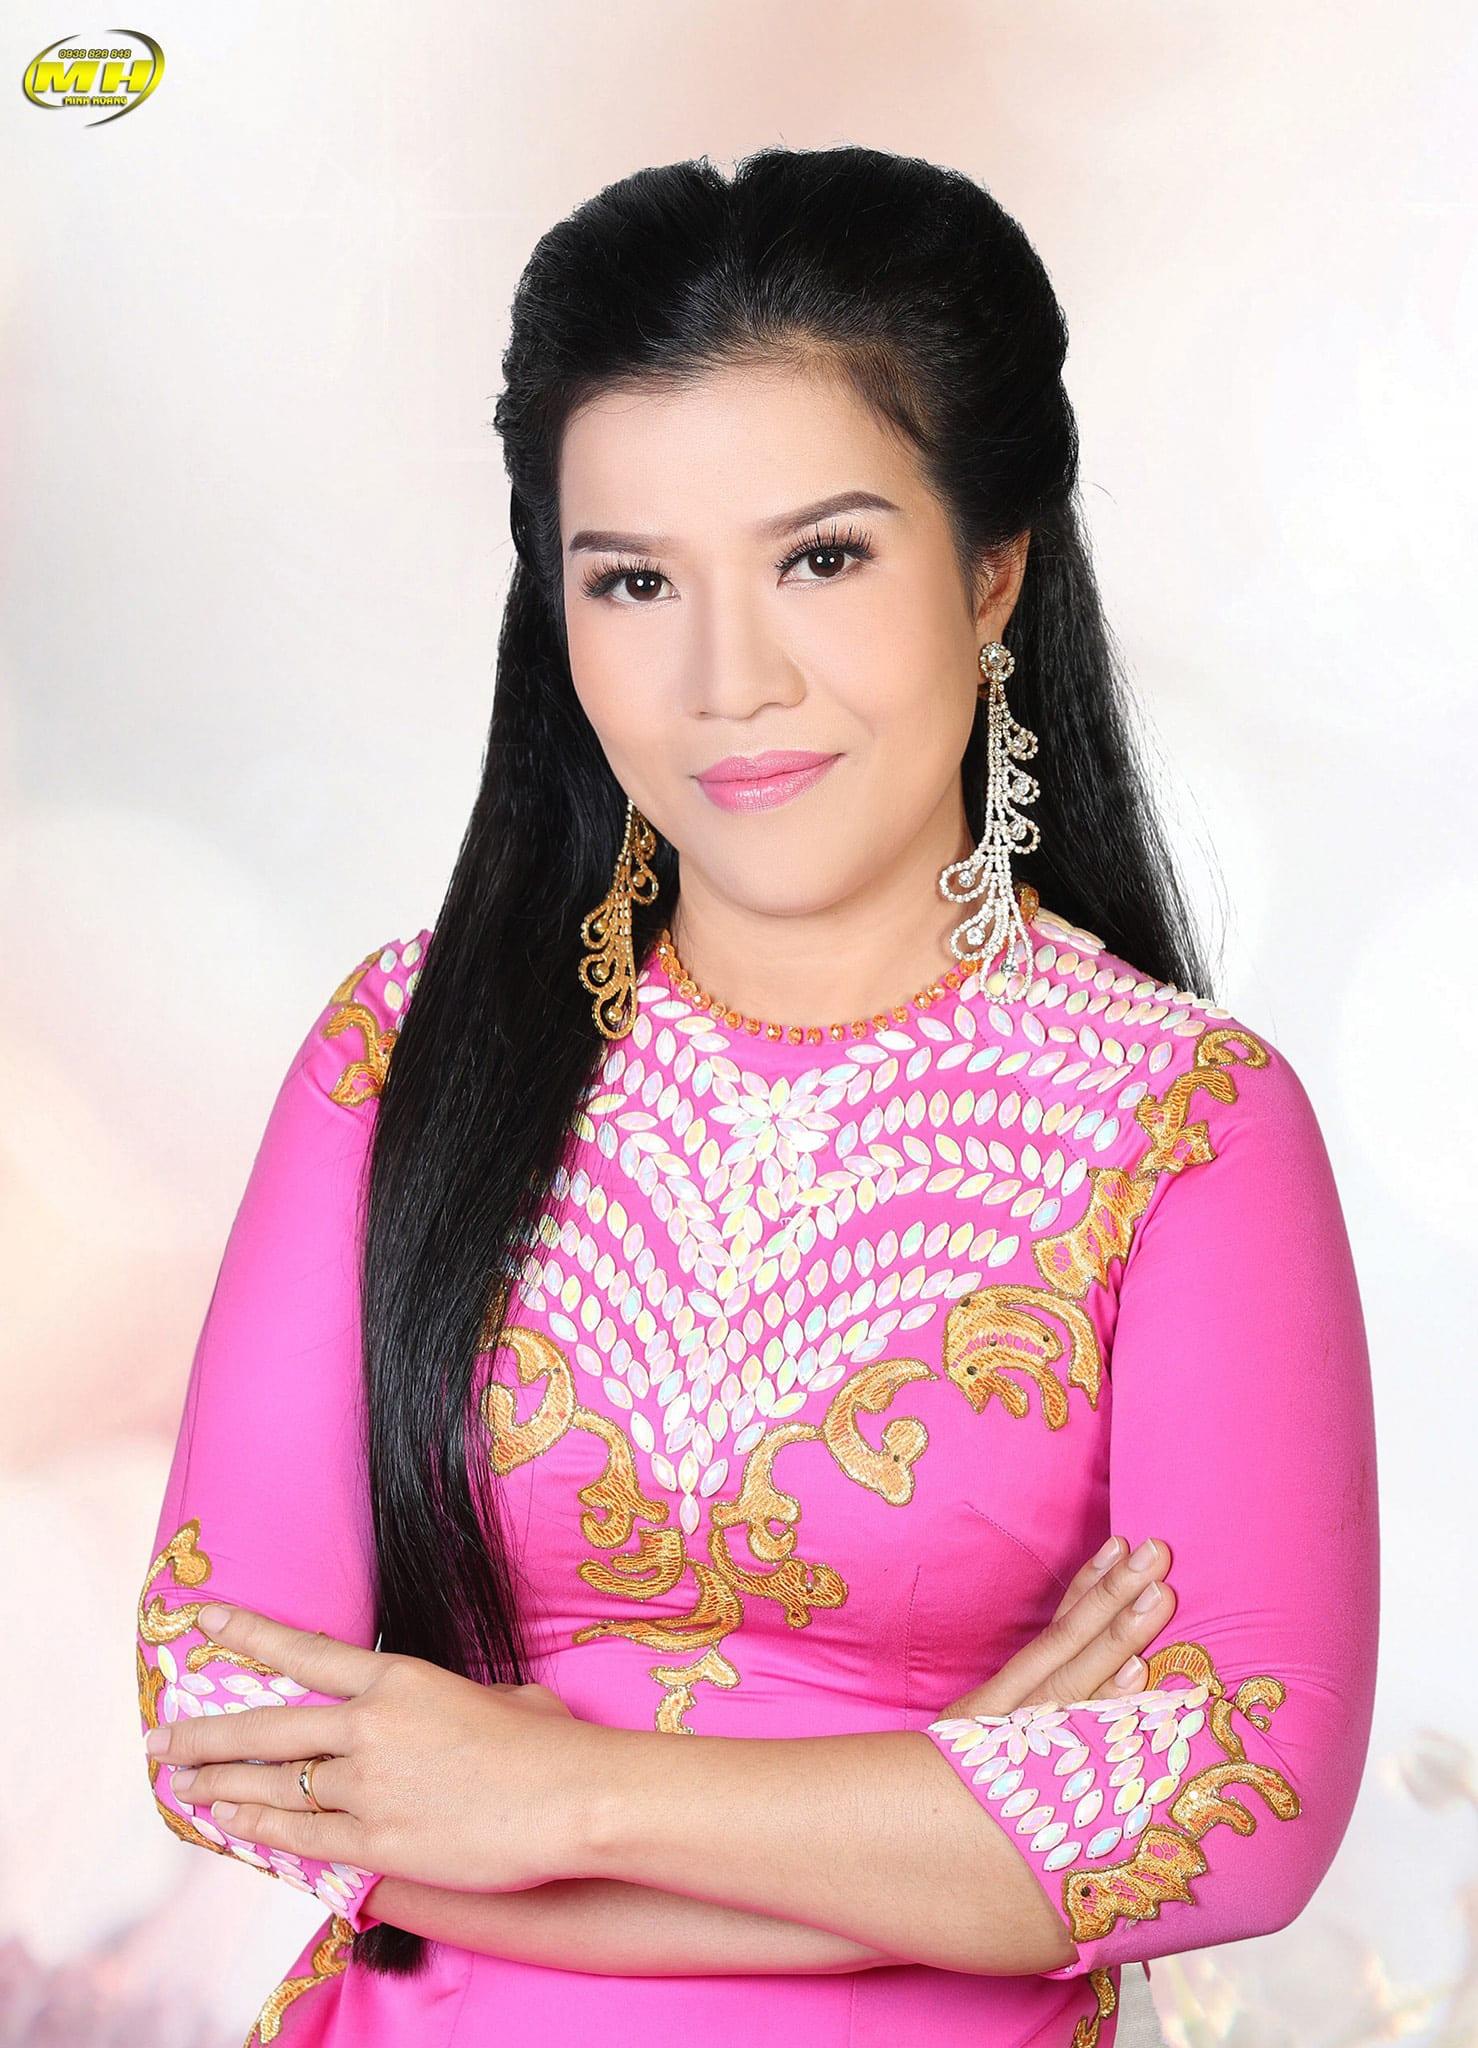 Kim Phính, Như Huỳnh đạt điểm cao tại cuộc thi Trần Hữu Trang ở Cần Thơ - Ảnh 1.